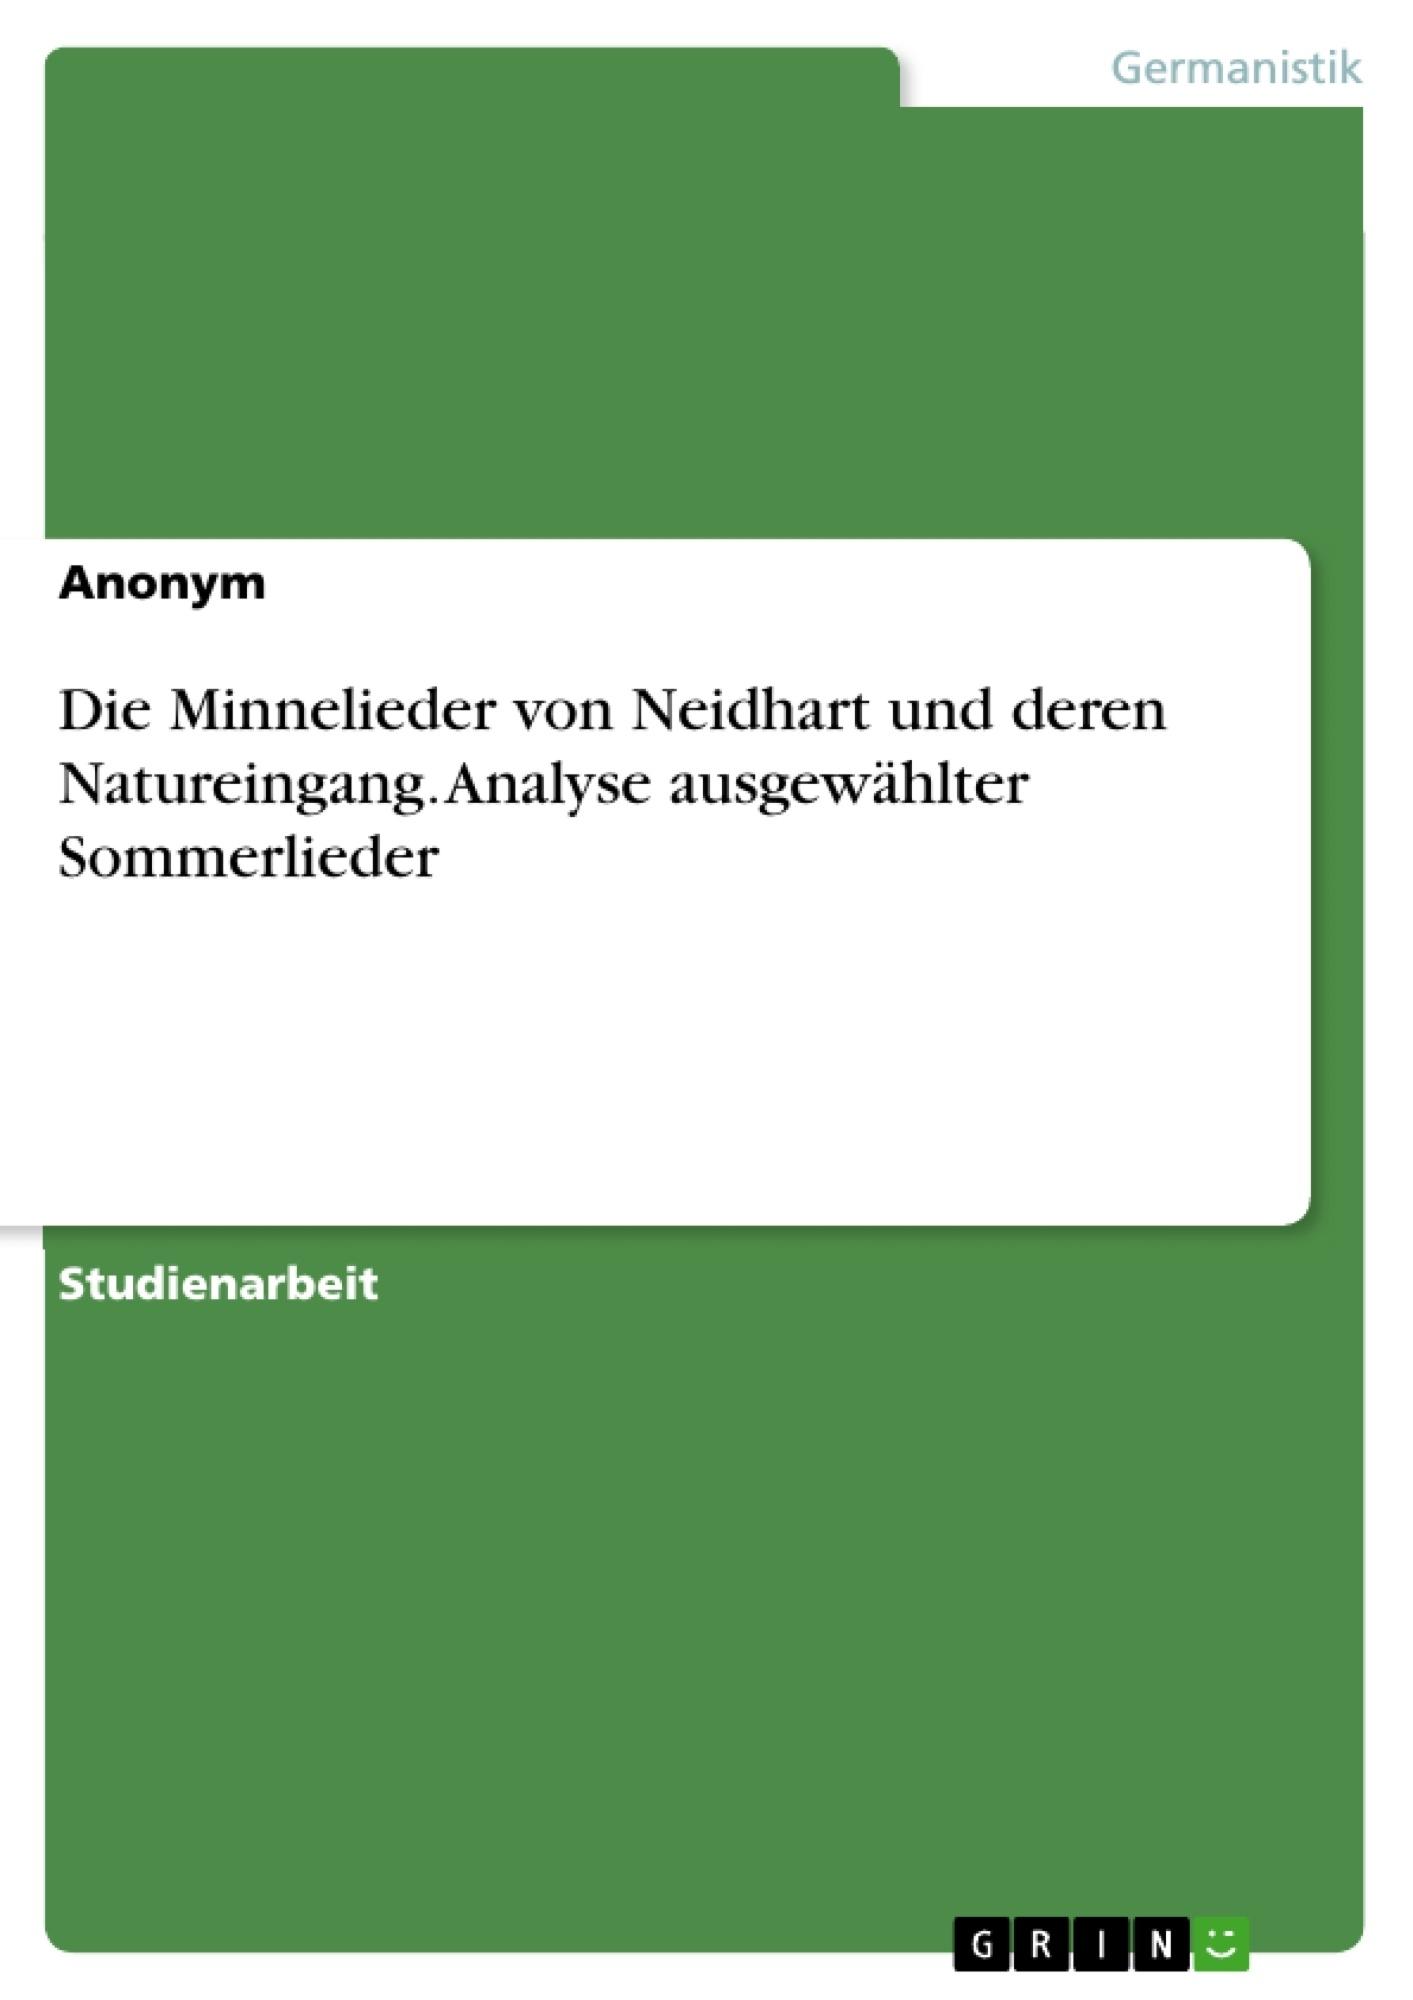 Titel: Die Minnelieder von Neidhart und deren Natureingang. Analyse ausgewählter Sommerlieder